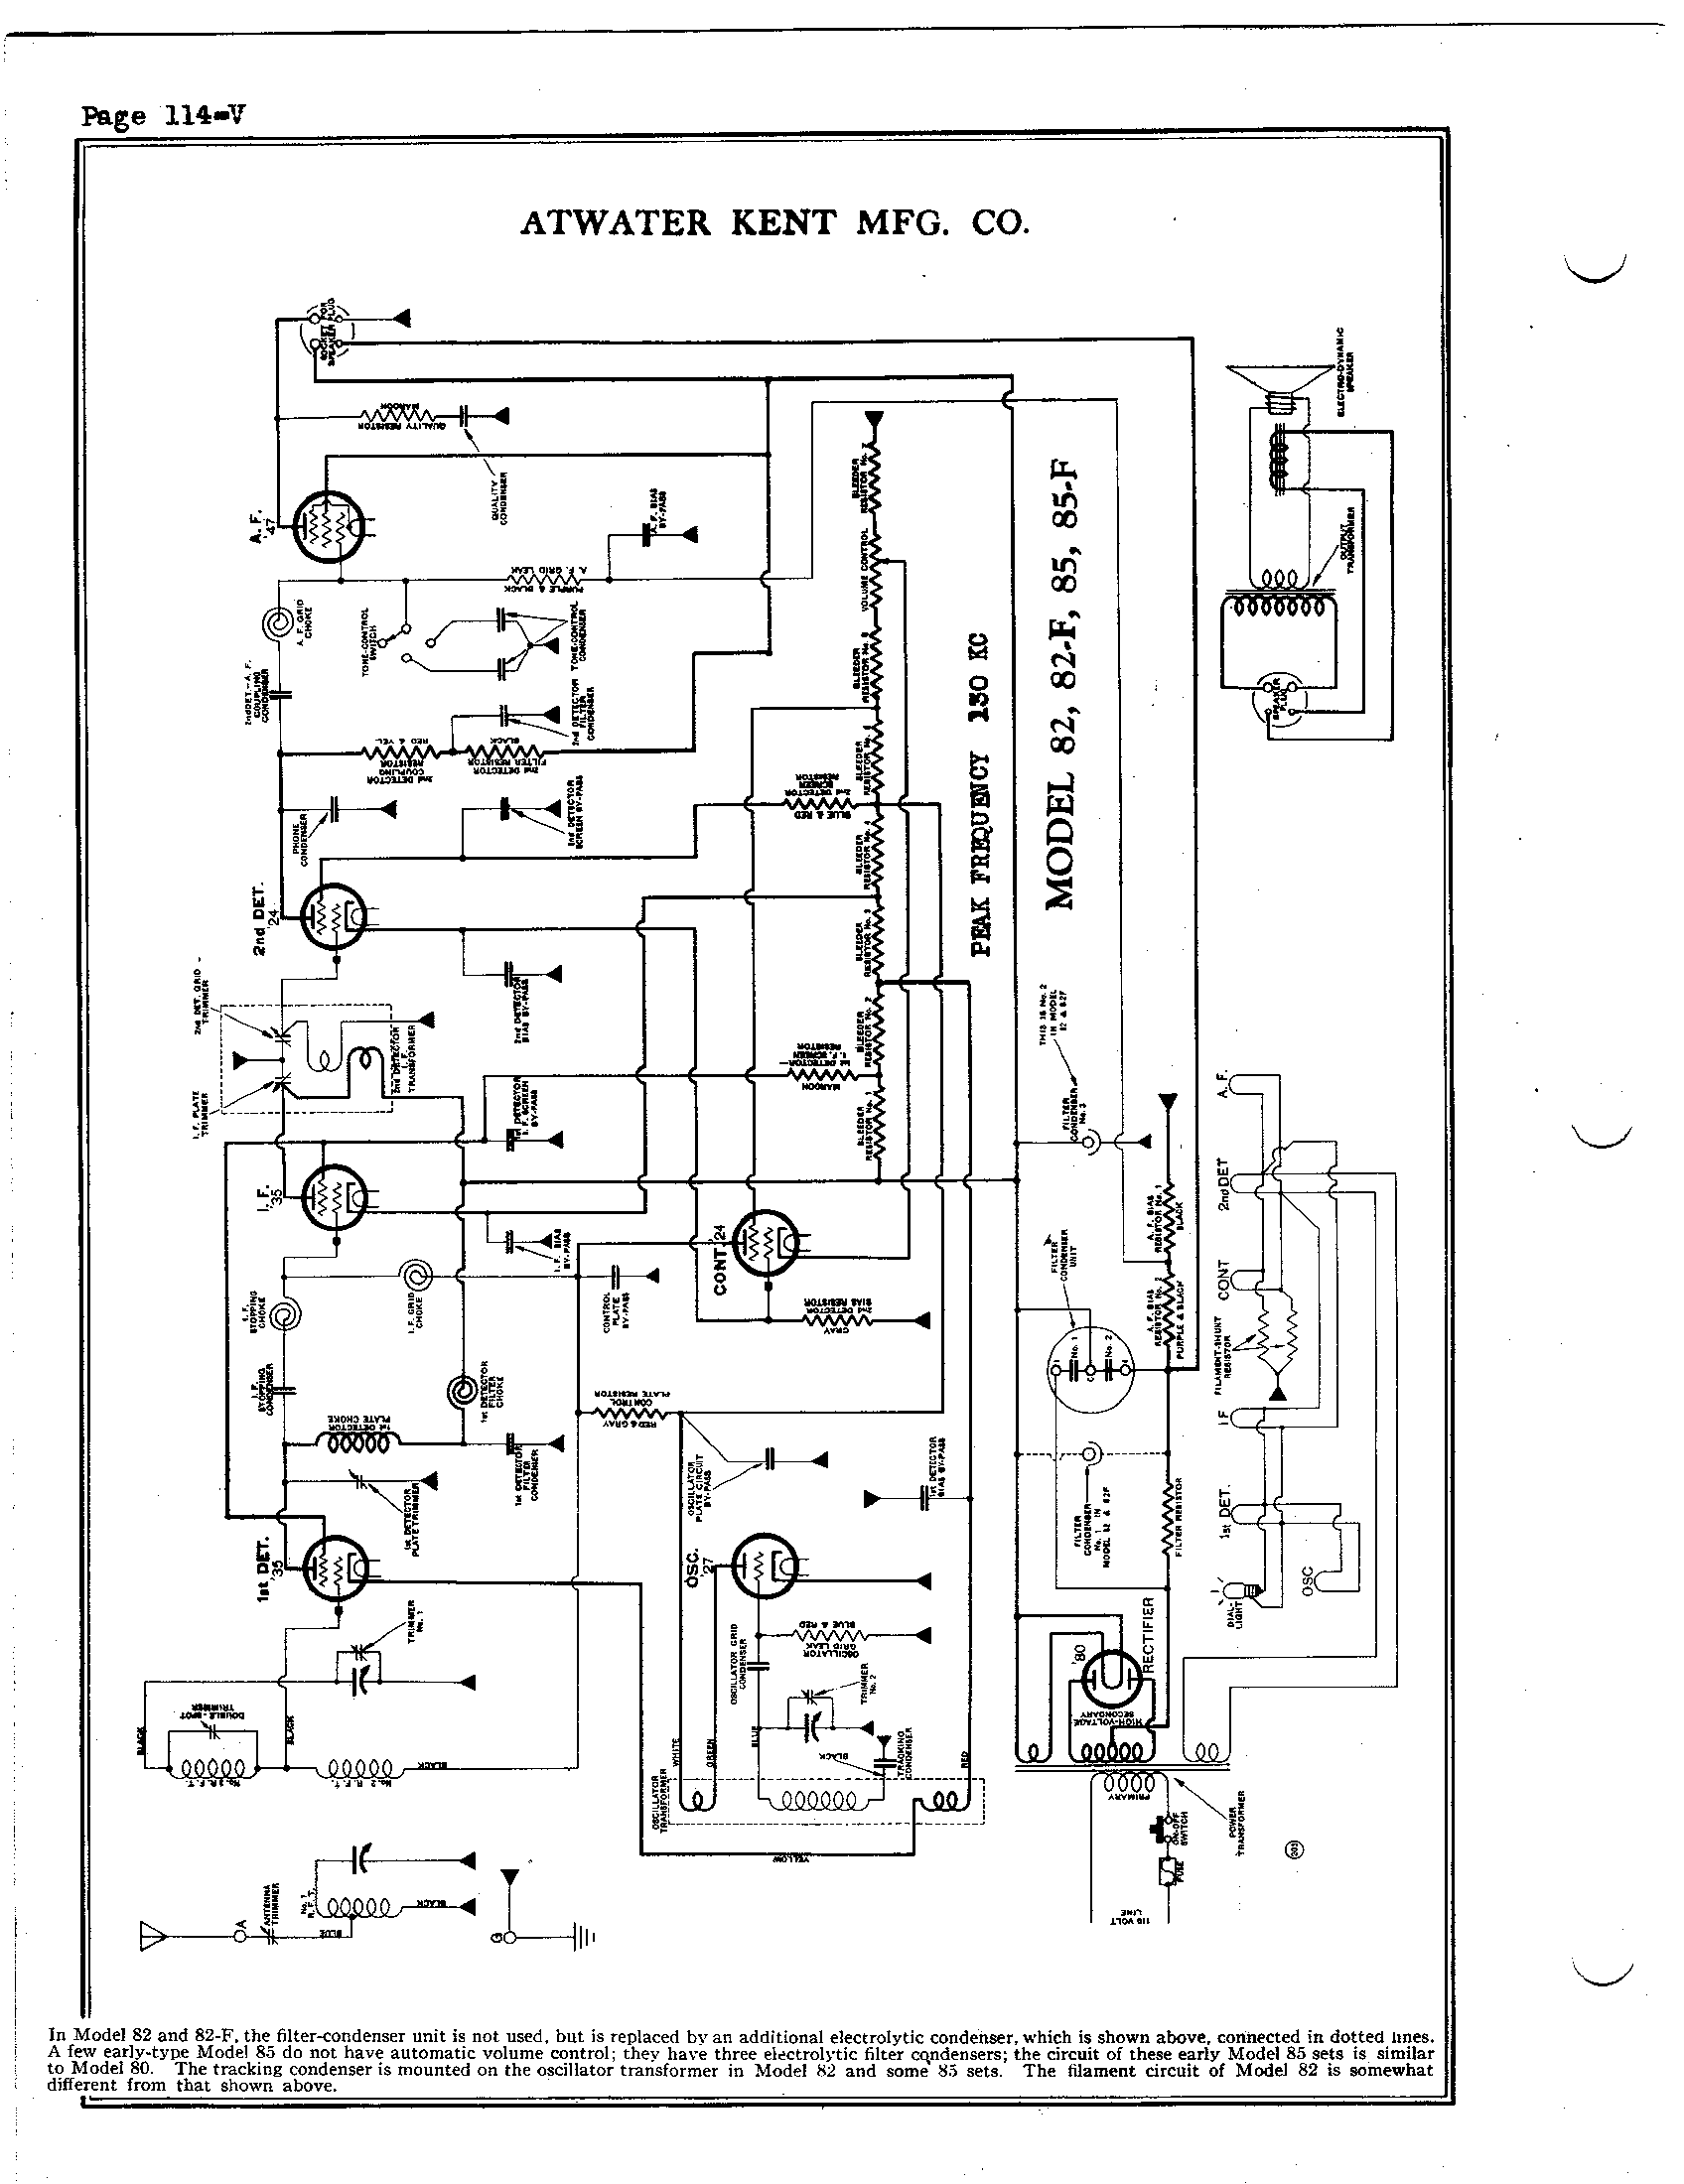 circuit diagram of kent ro